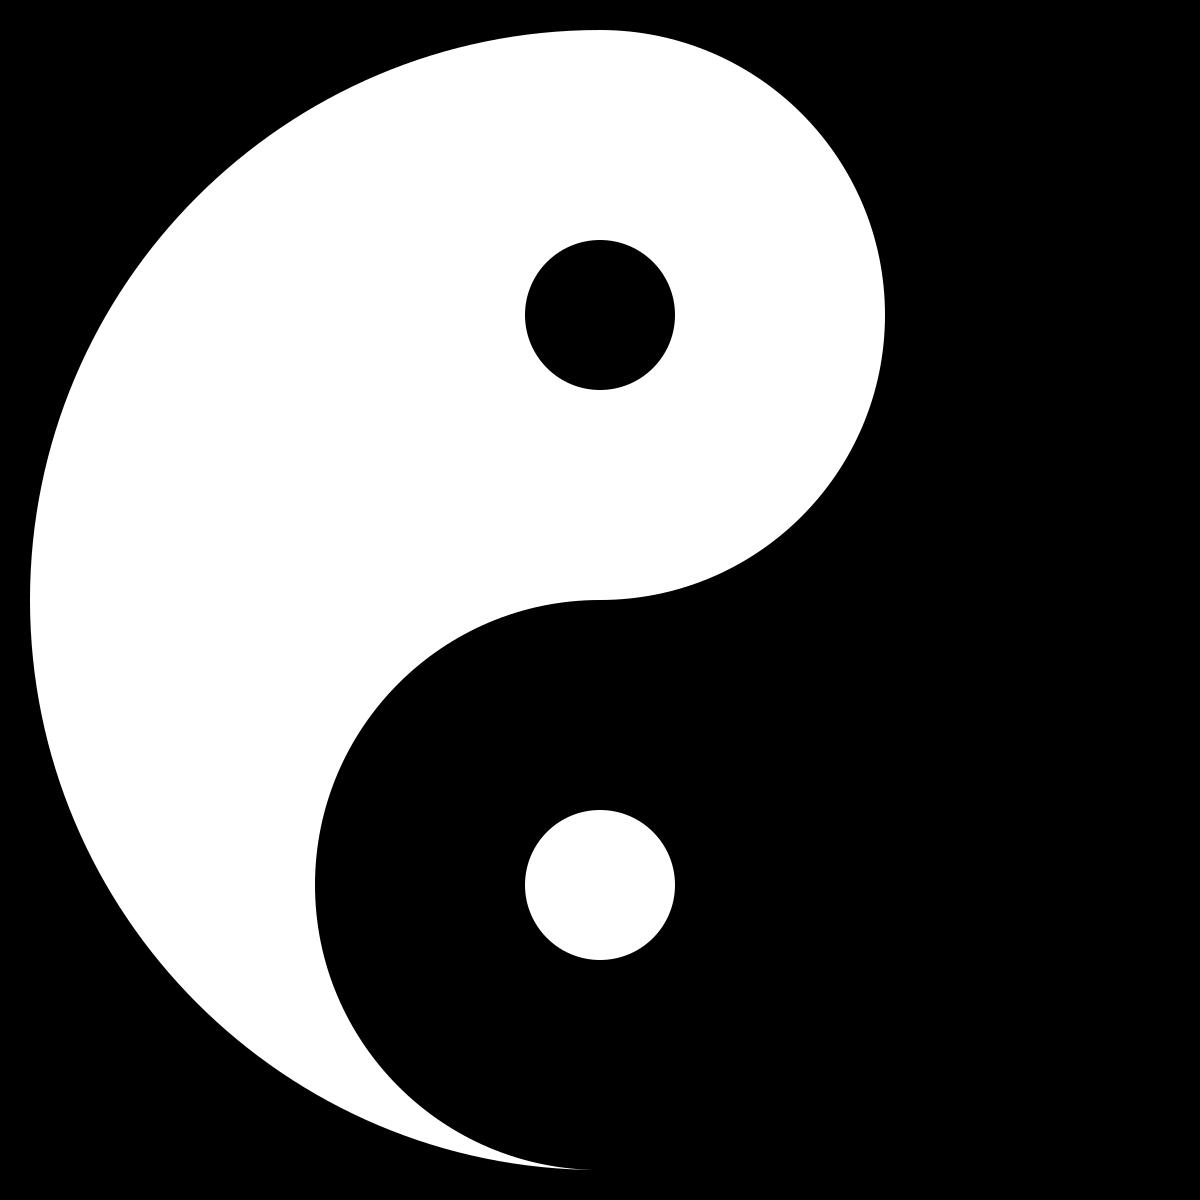 Meditation ying yang